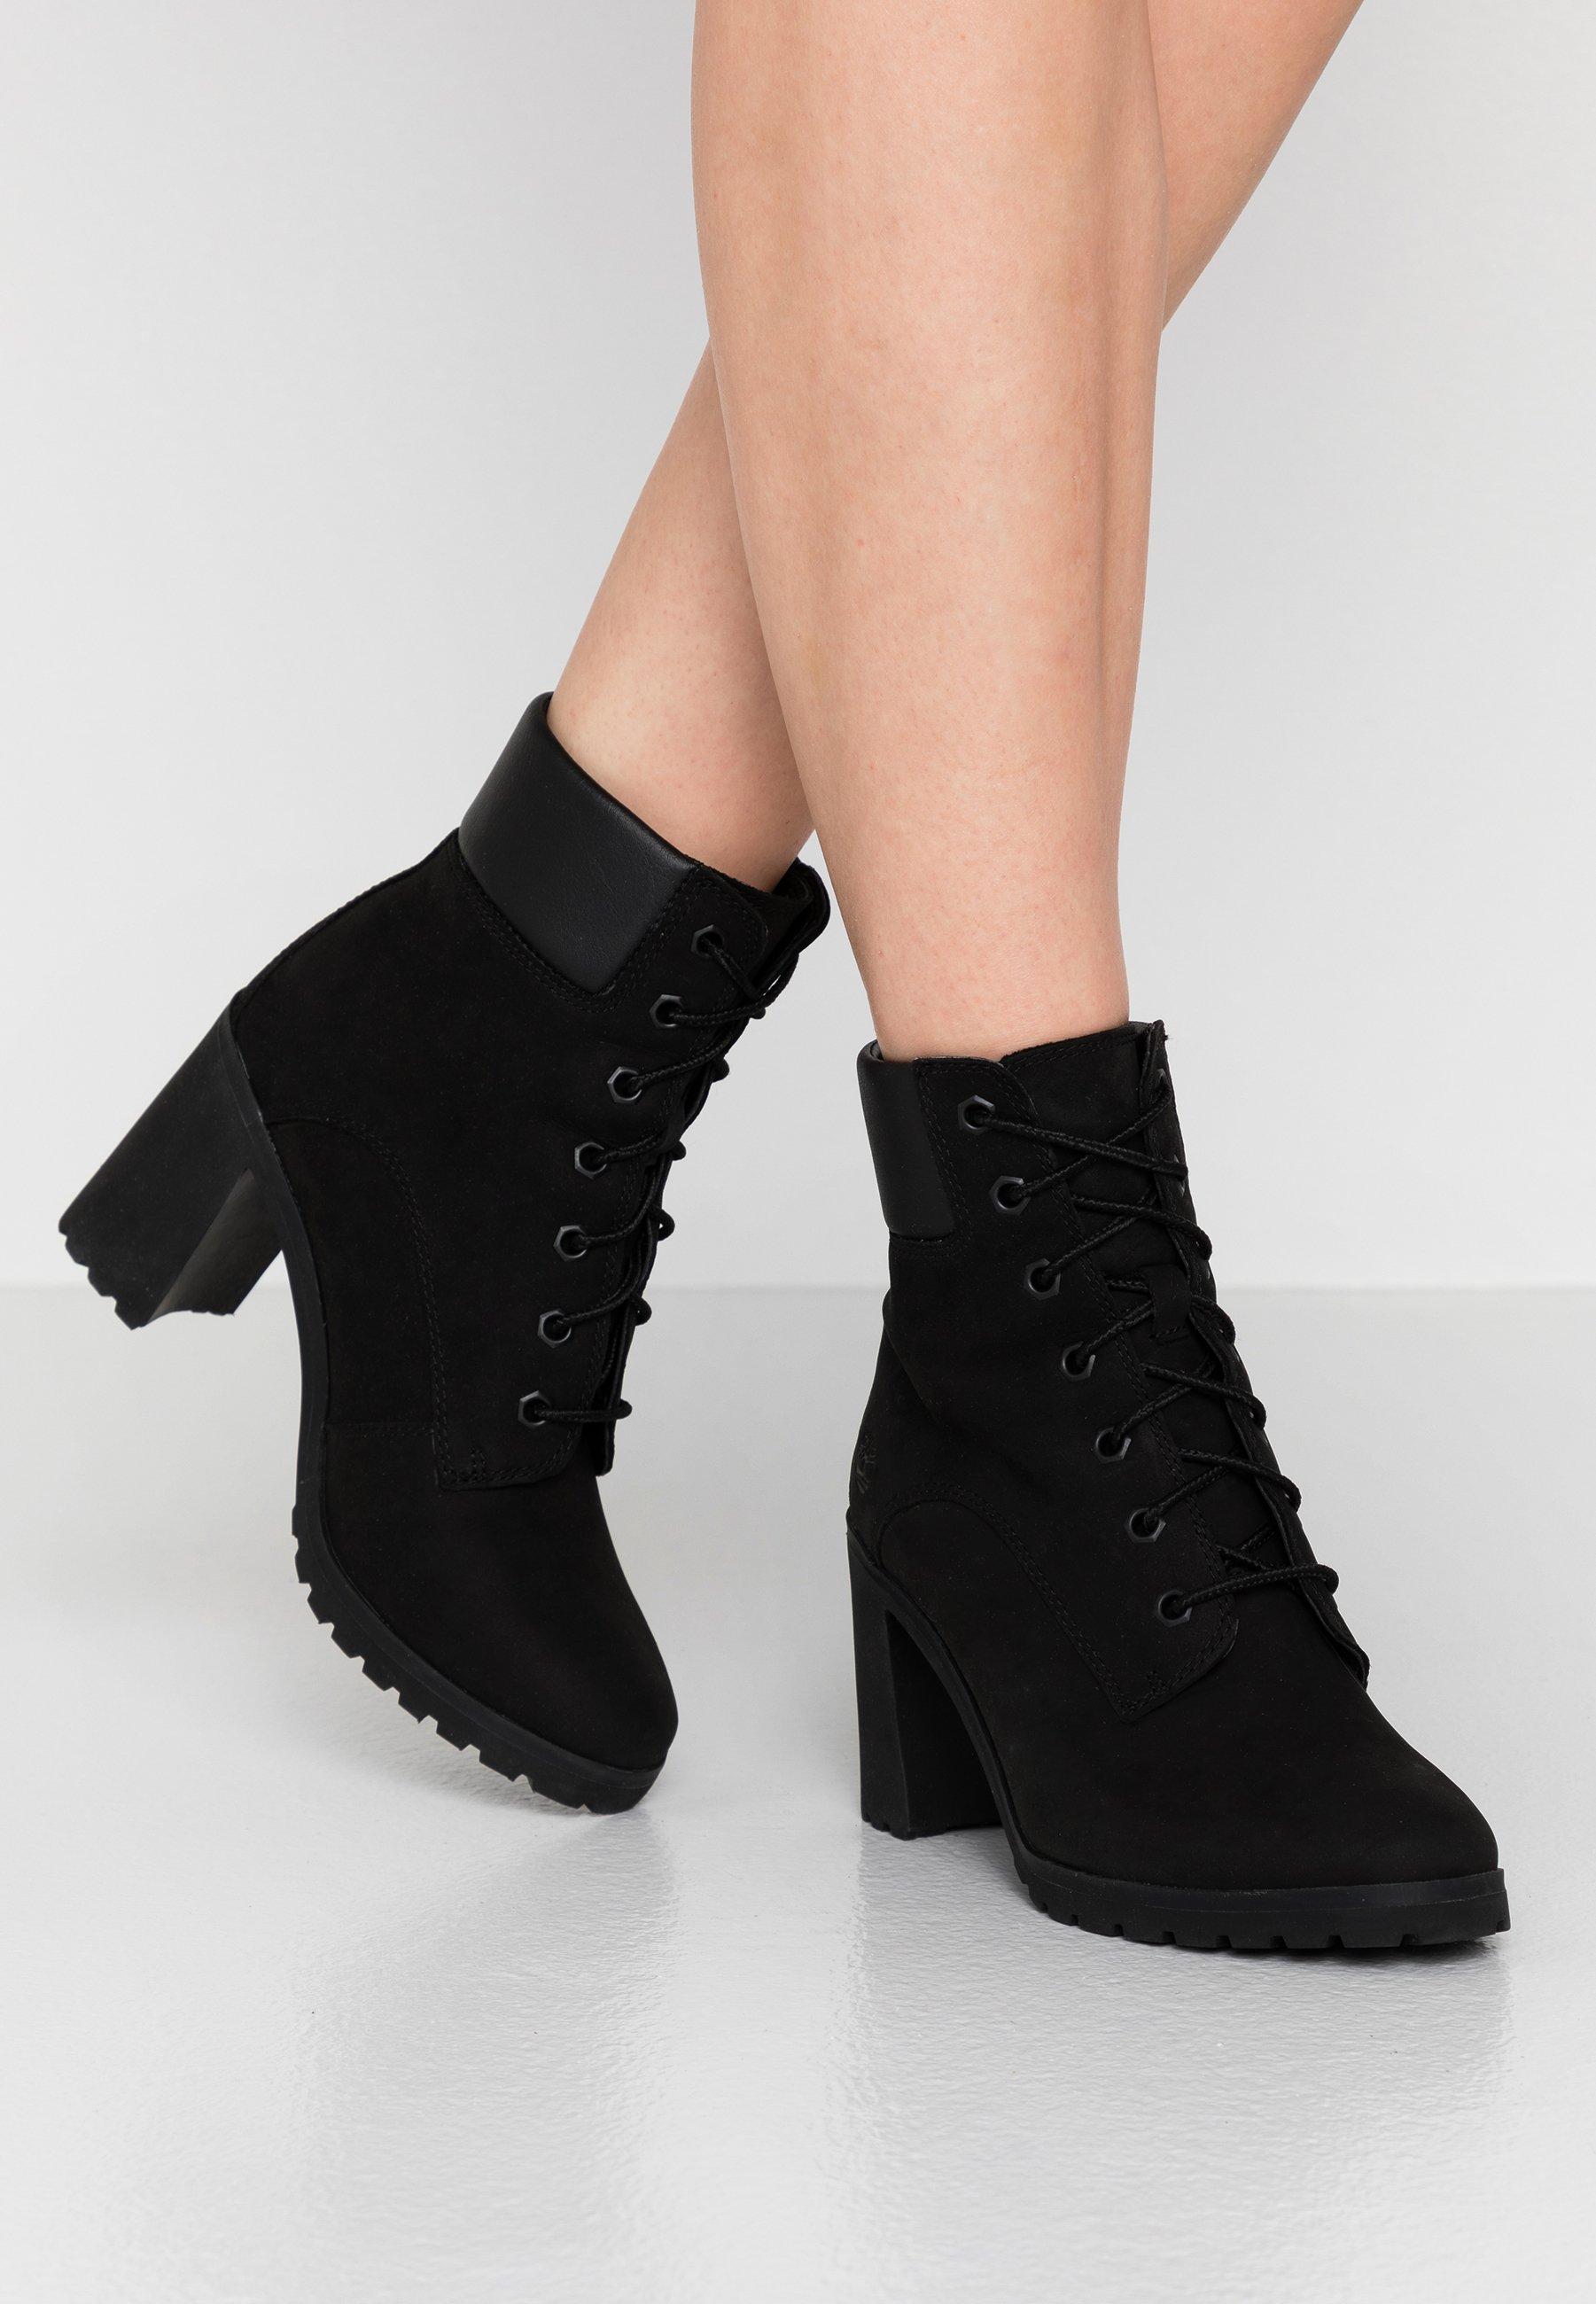 timberland bottes femme noir